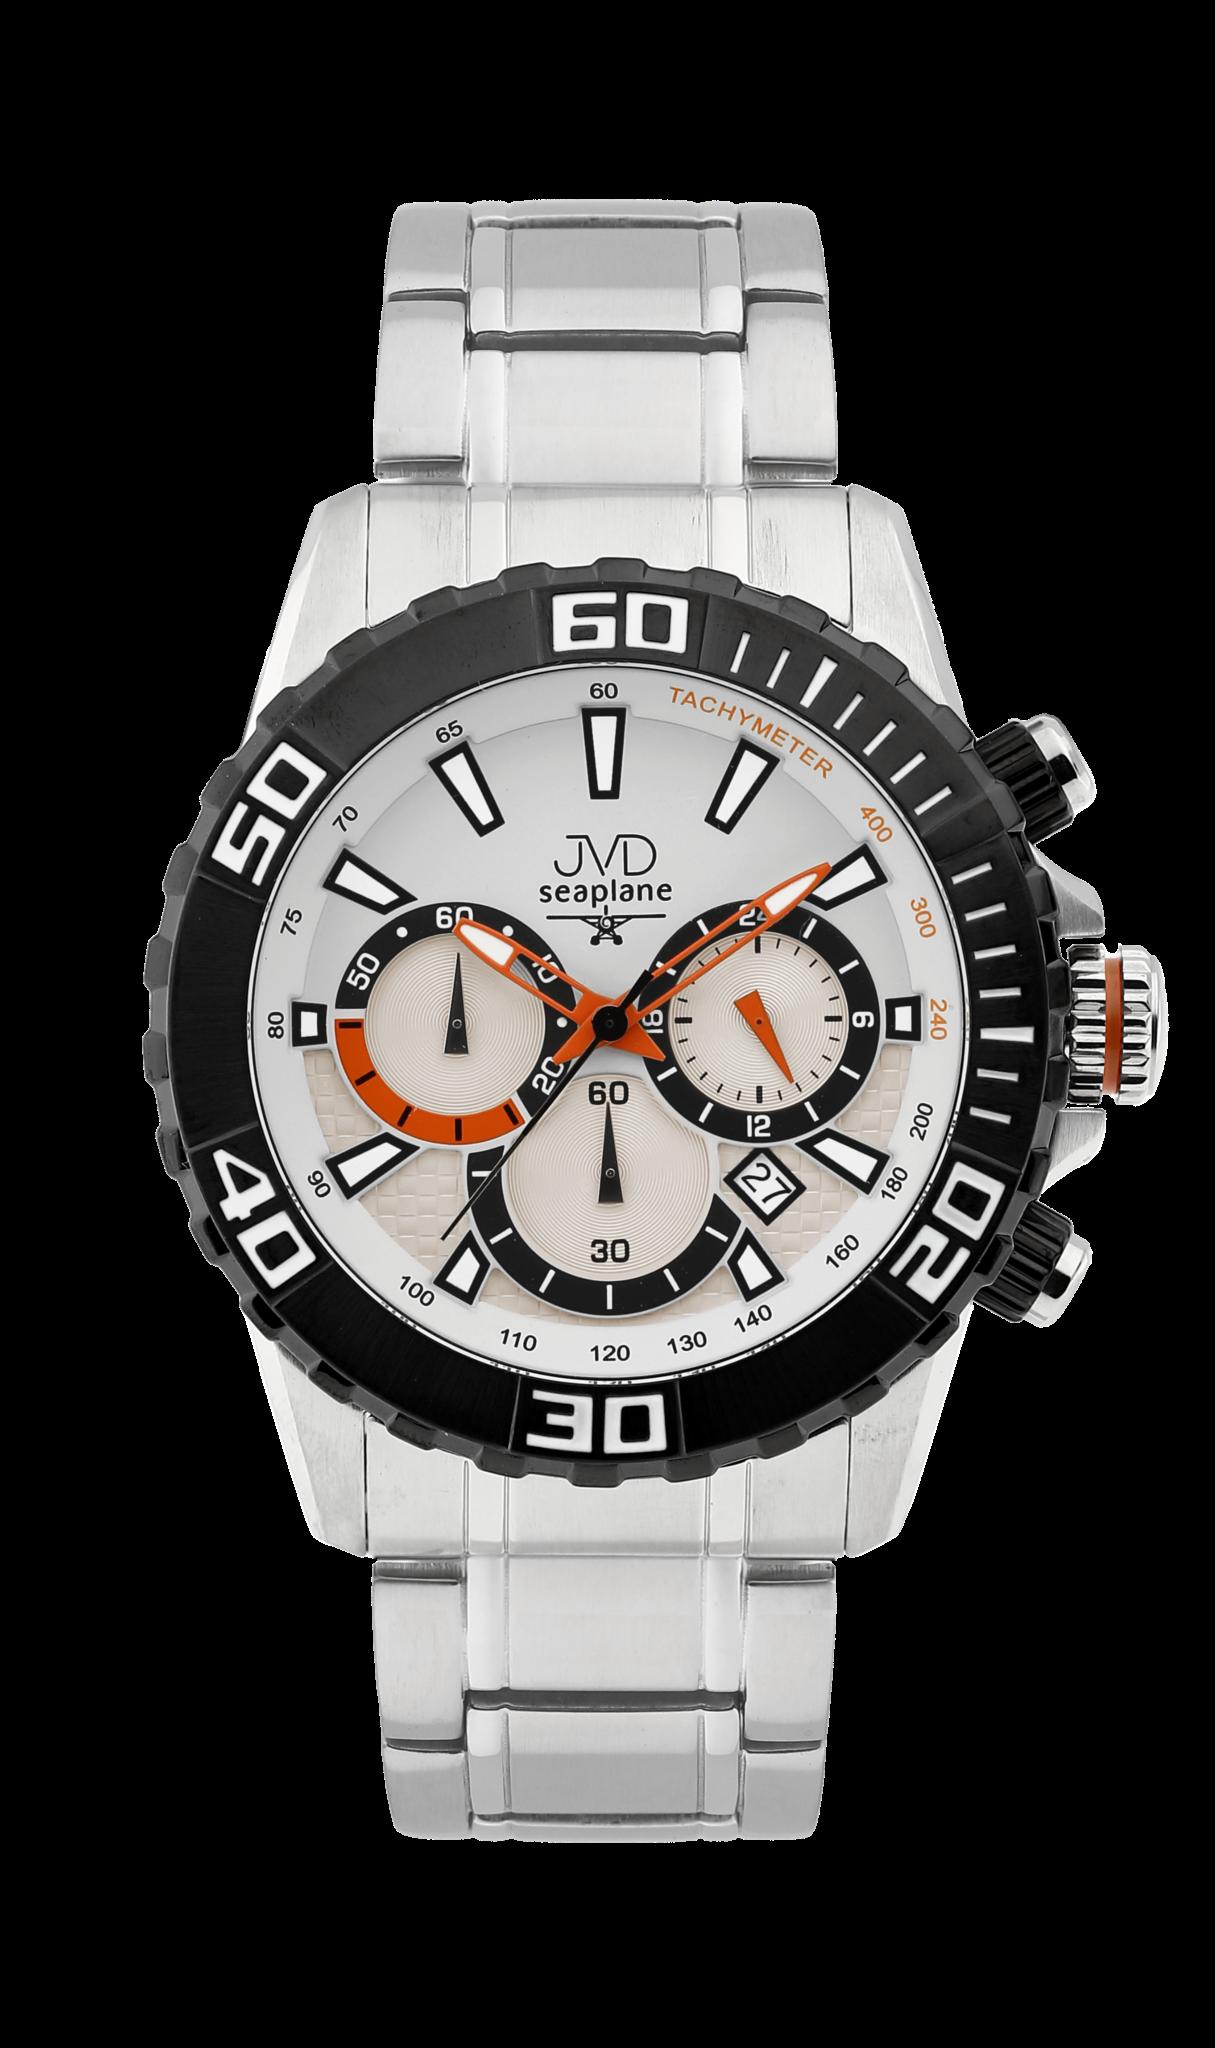 Sportovní vodotěsné ocelové chronografy hodinky JVD Seaplane J1089.3 - 10ATM (POŠTOVNÉ ZDARMA!!)